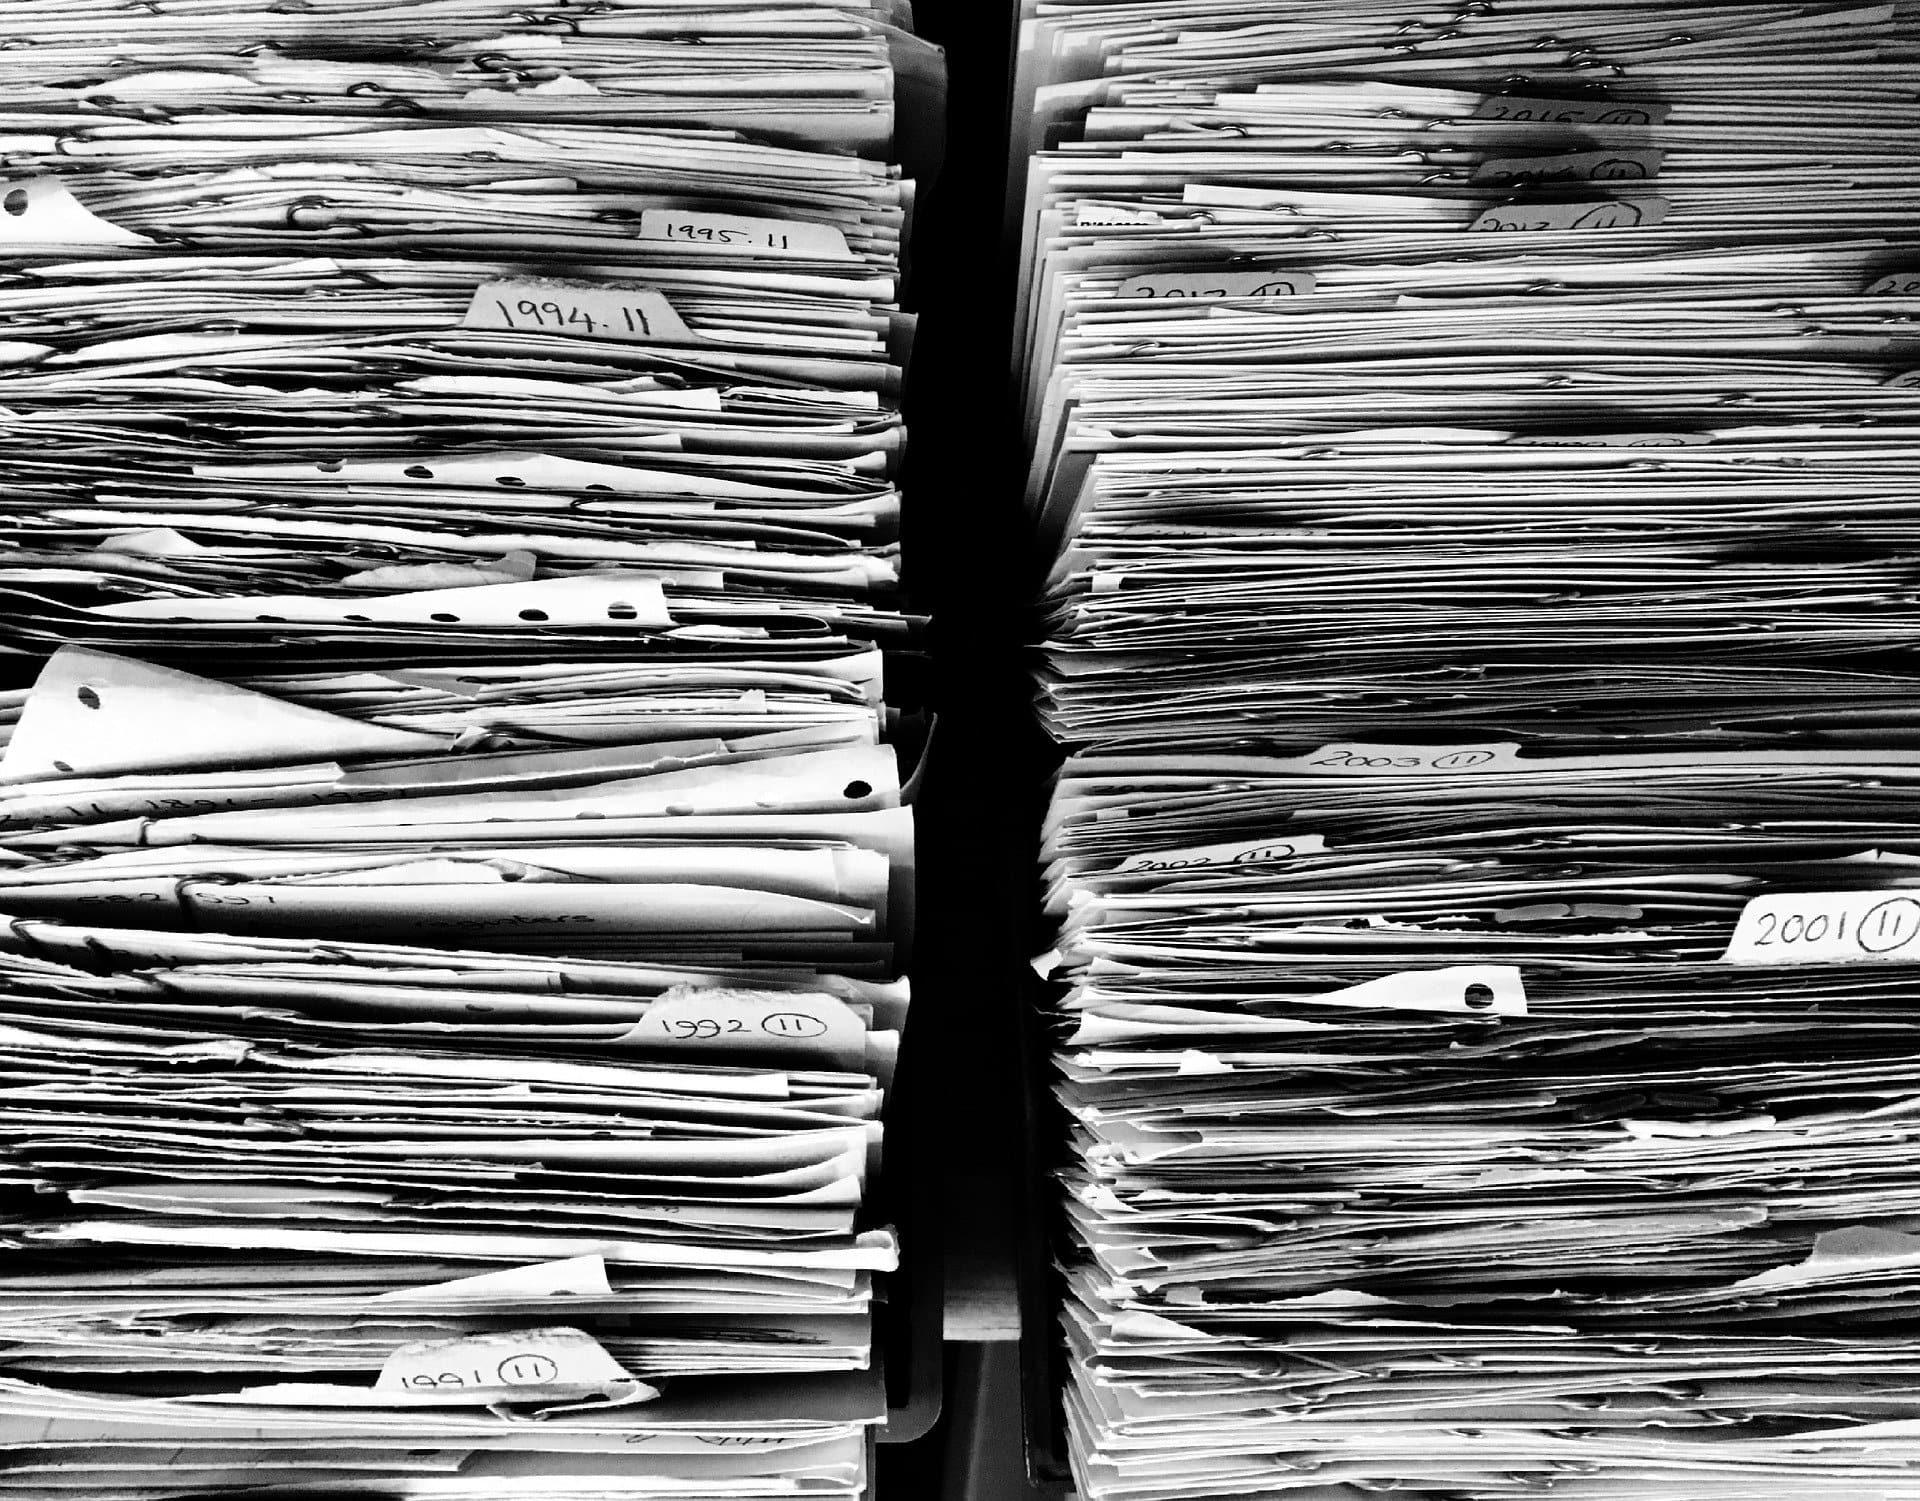 Birokracija v Sloveniji upočasnjuje nujne projekte?